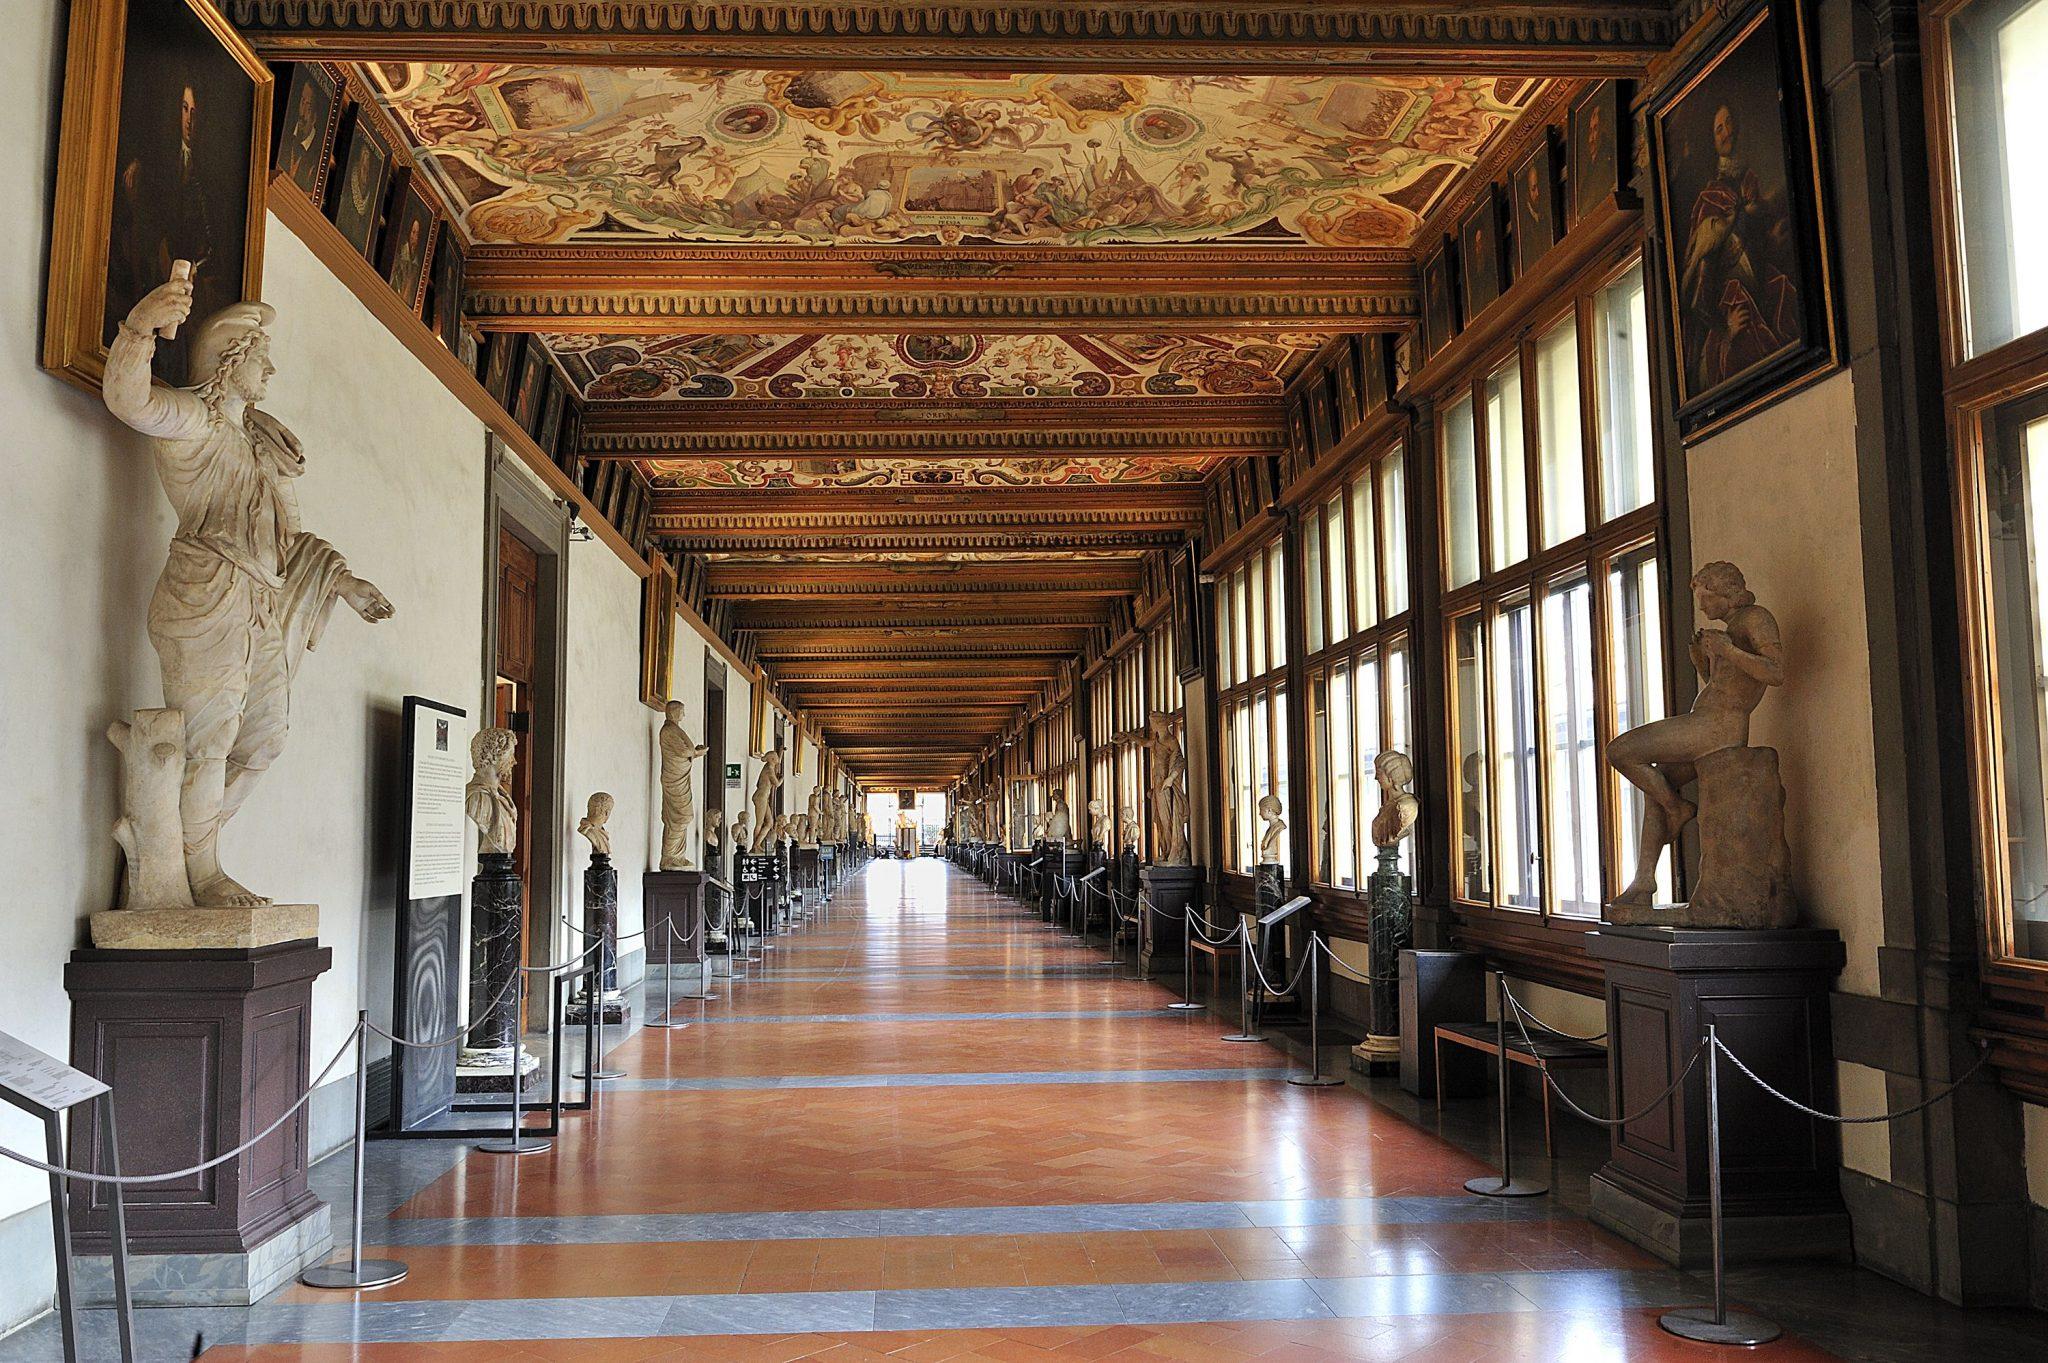 Πινακοθήκη Uffizi, Φλωρεντία, Ιταλία, Ευρώπη